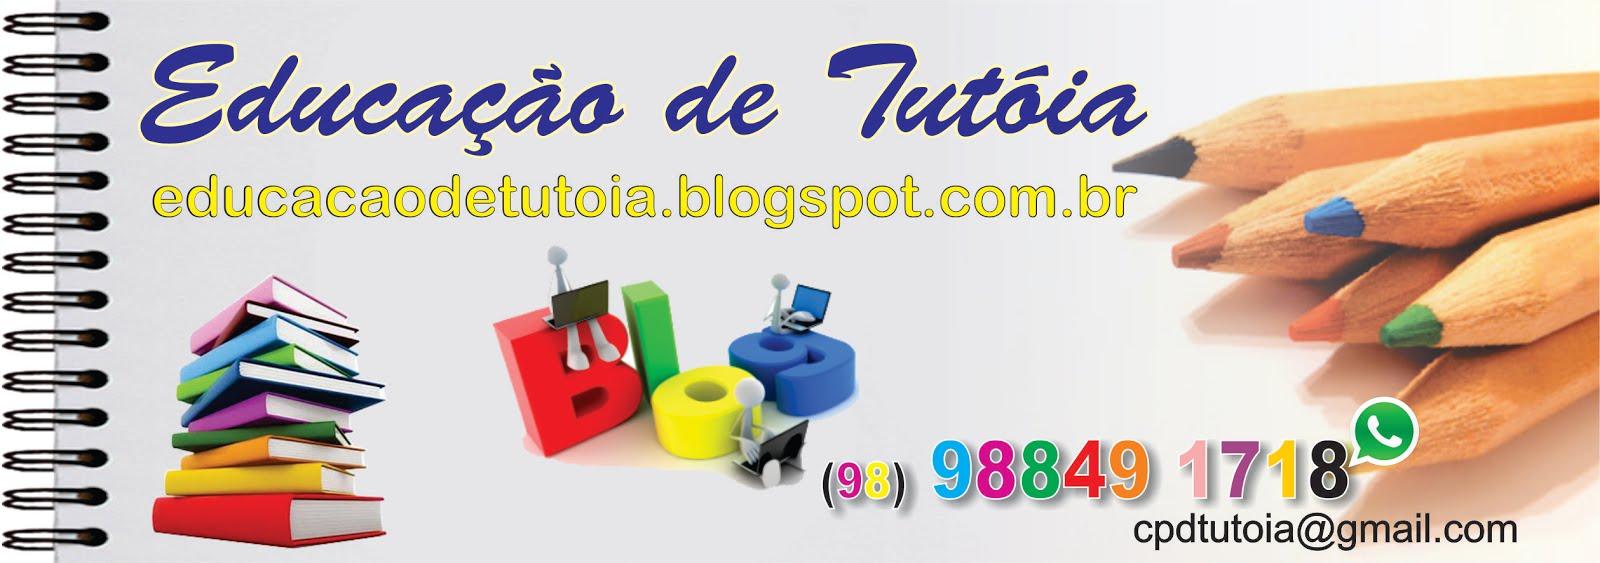 Blog: Educação de Tutóia